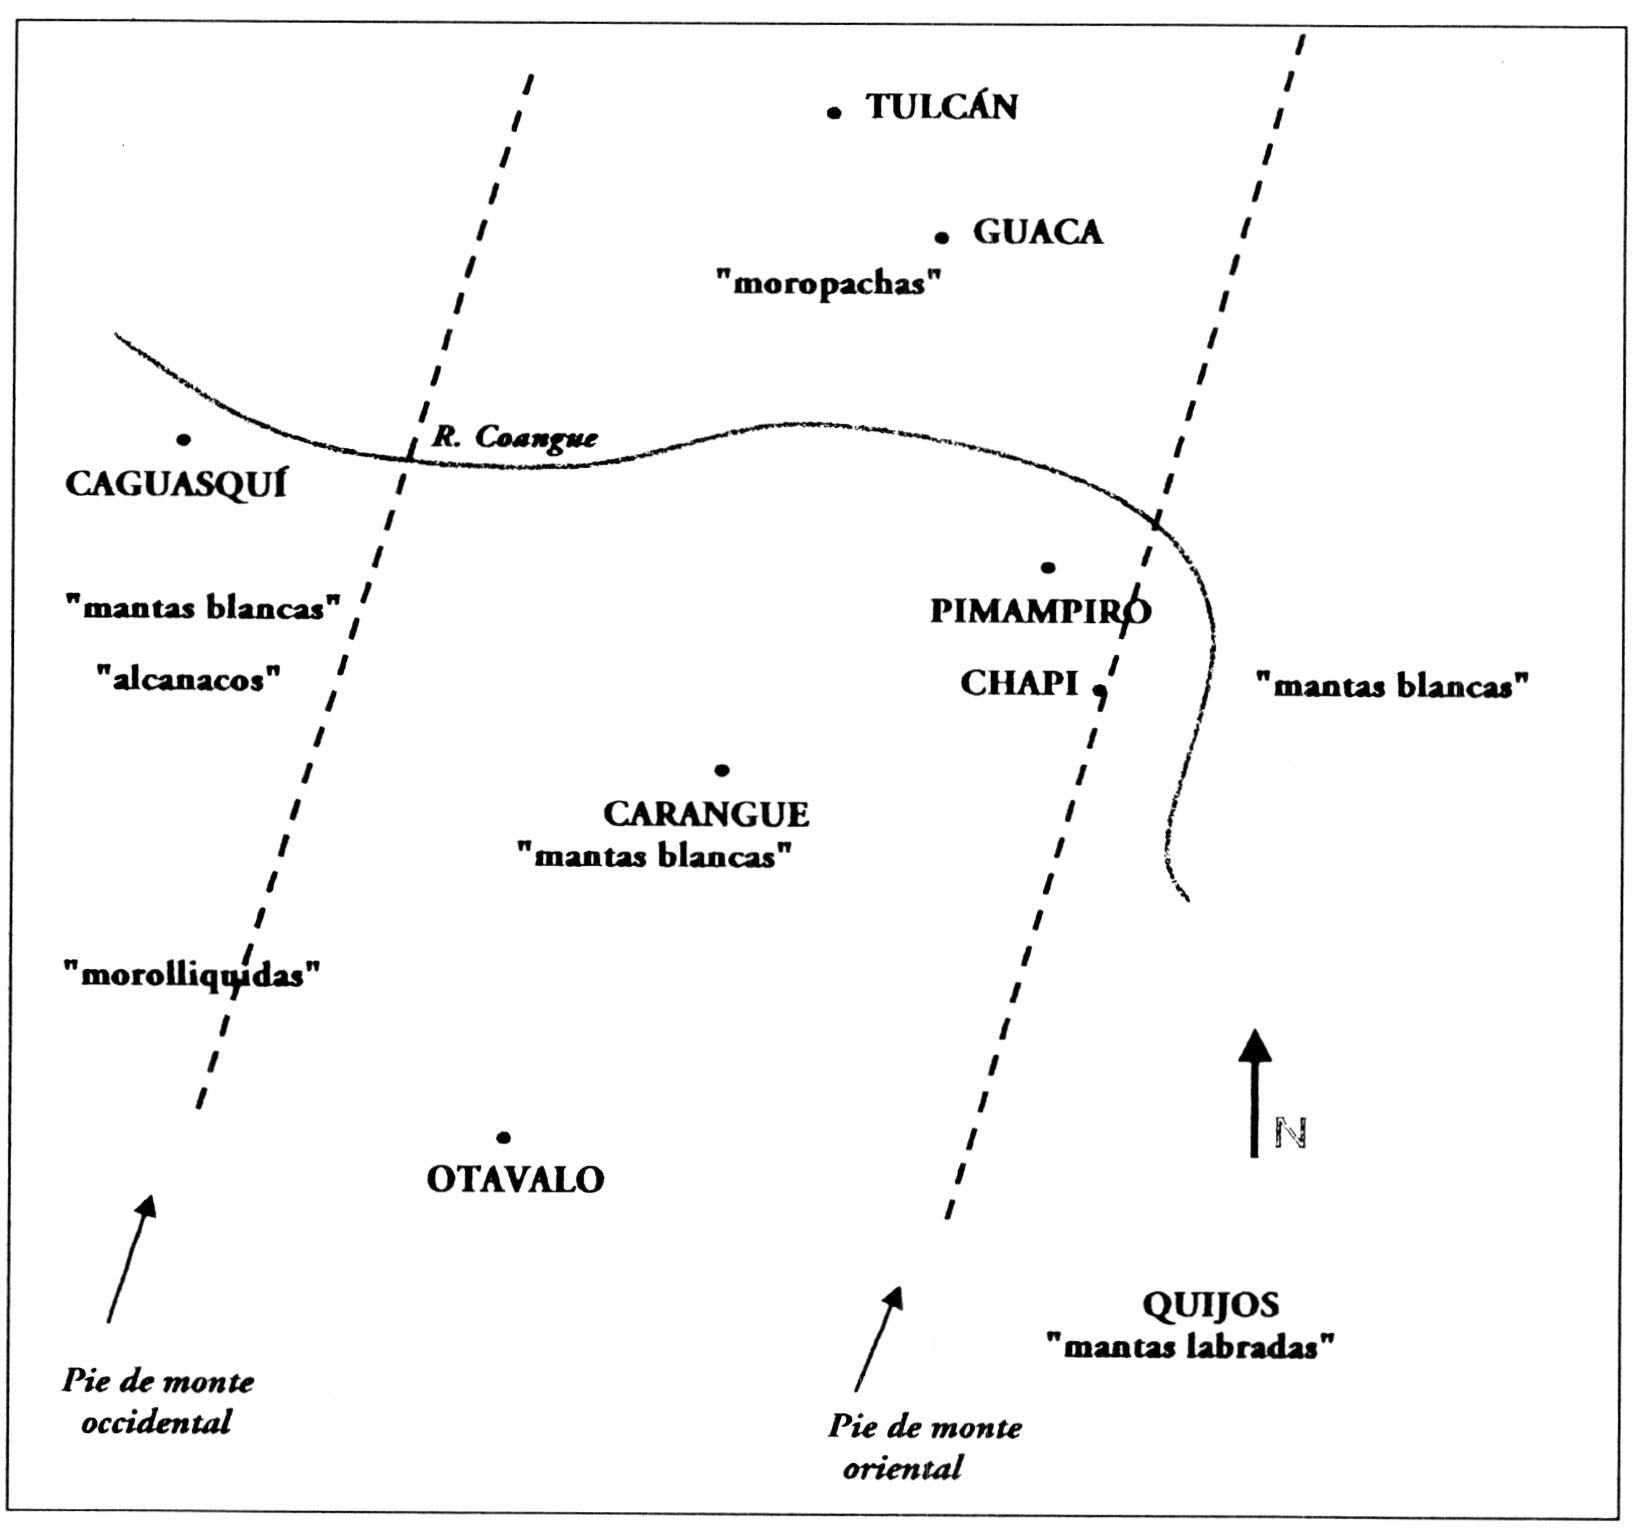 Etnias del norte - II.1. El tributo textil en el norte de Ecuador ...